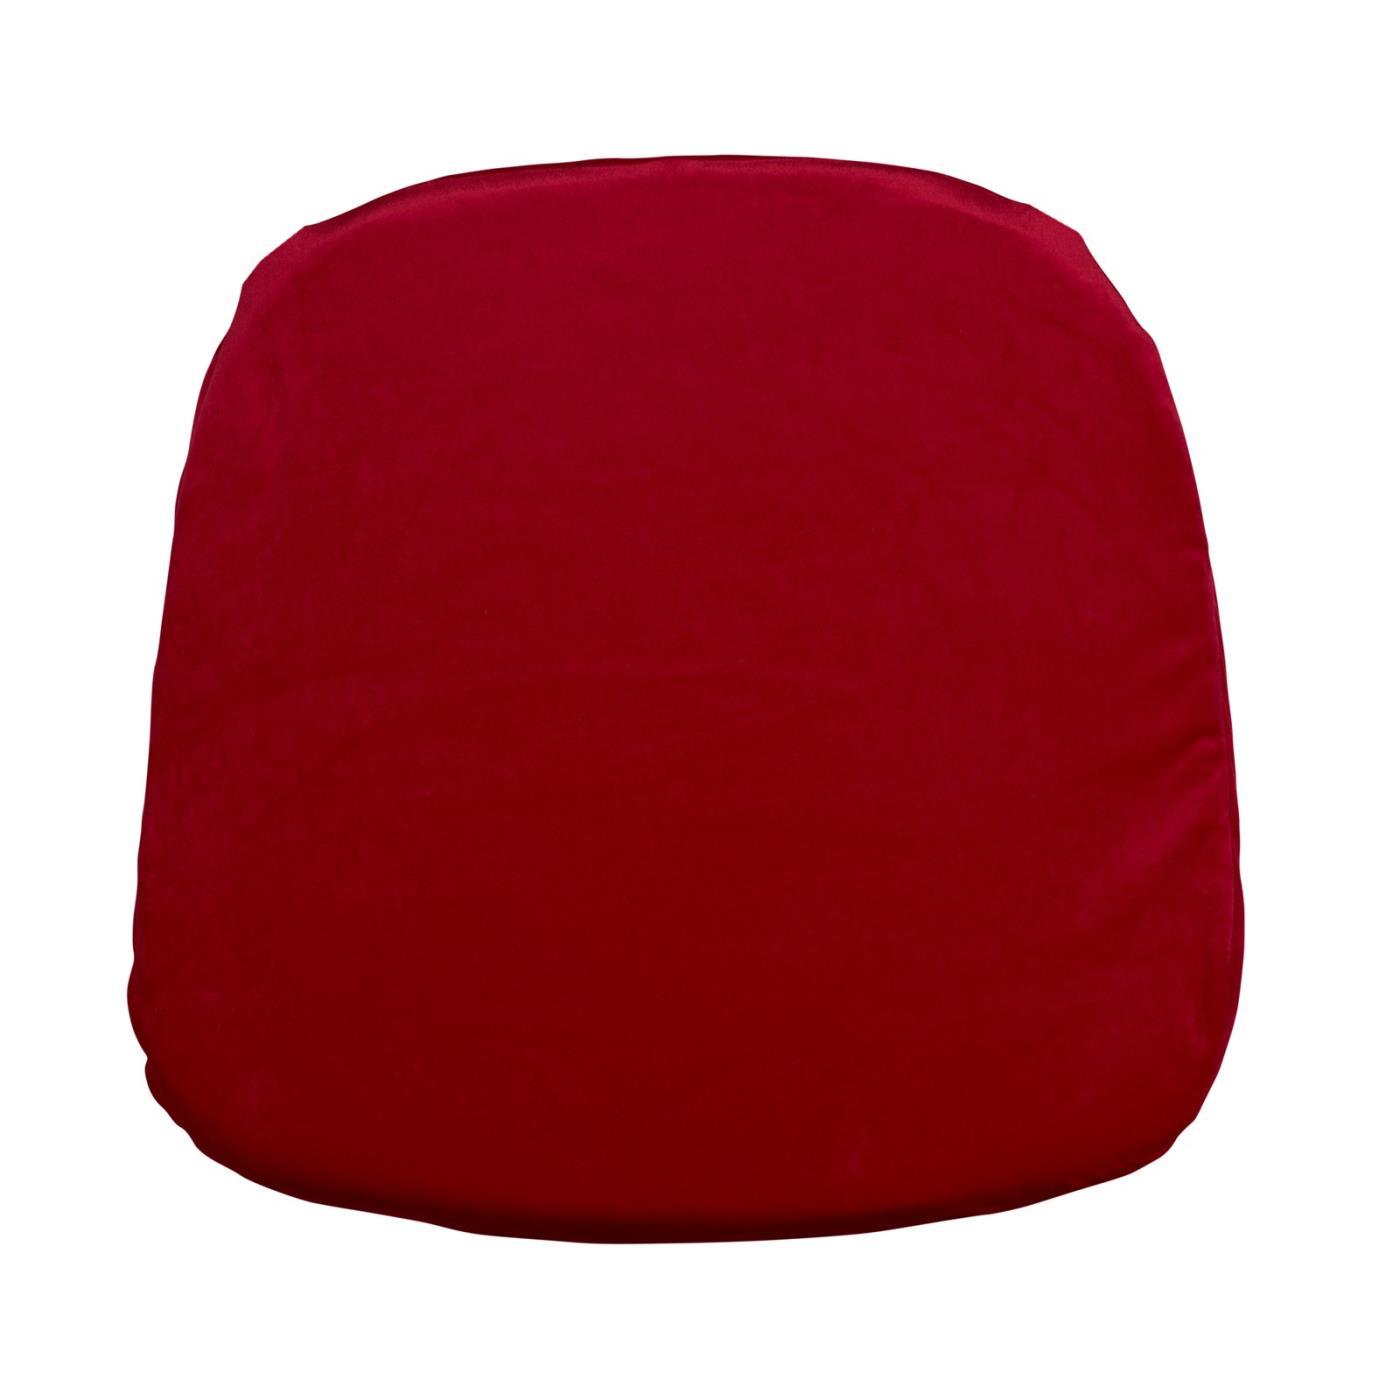 Velvet Seat Cushion - Red